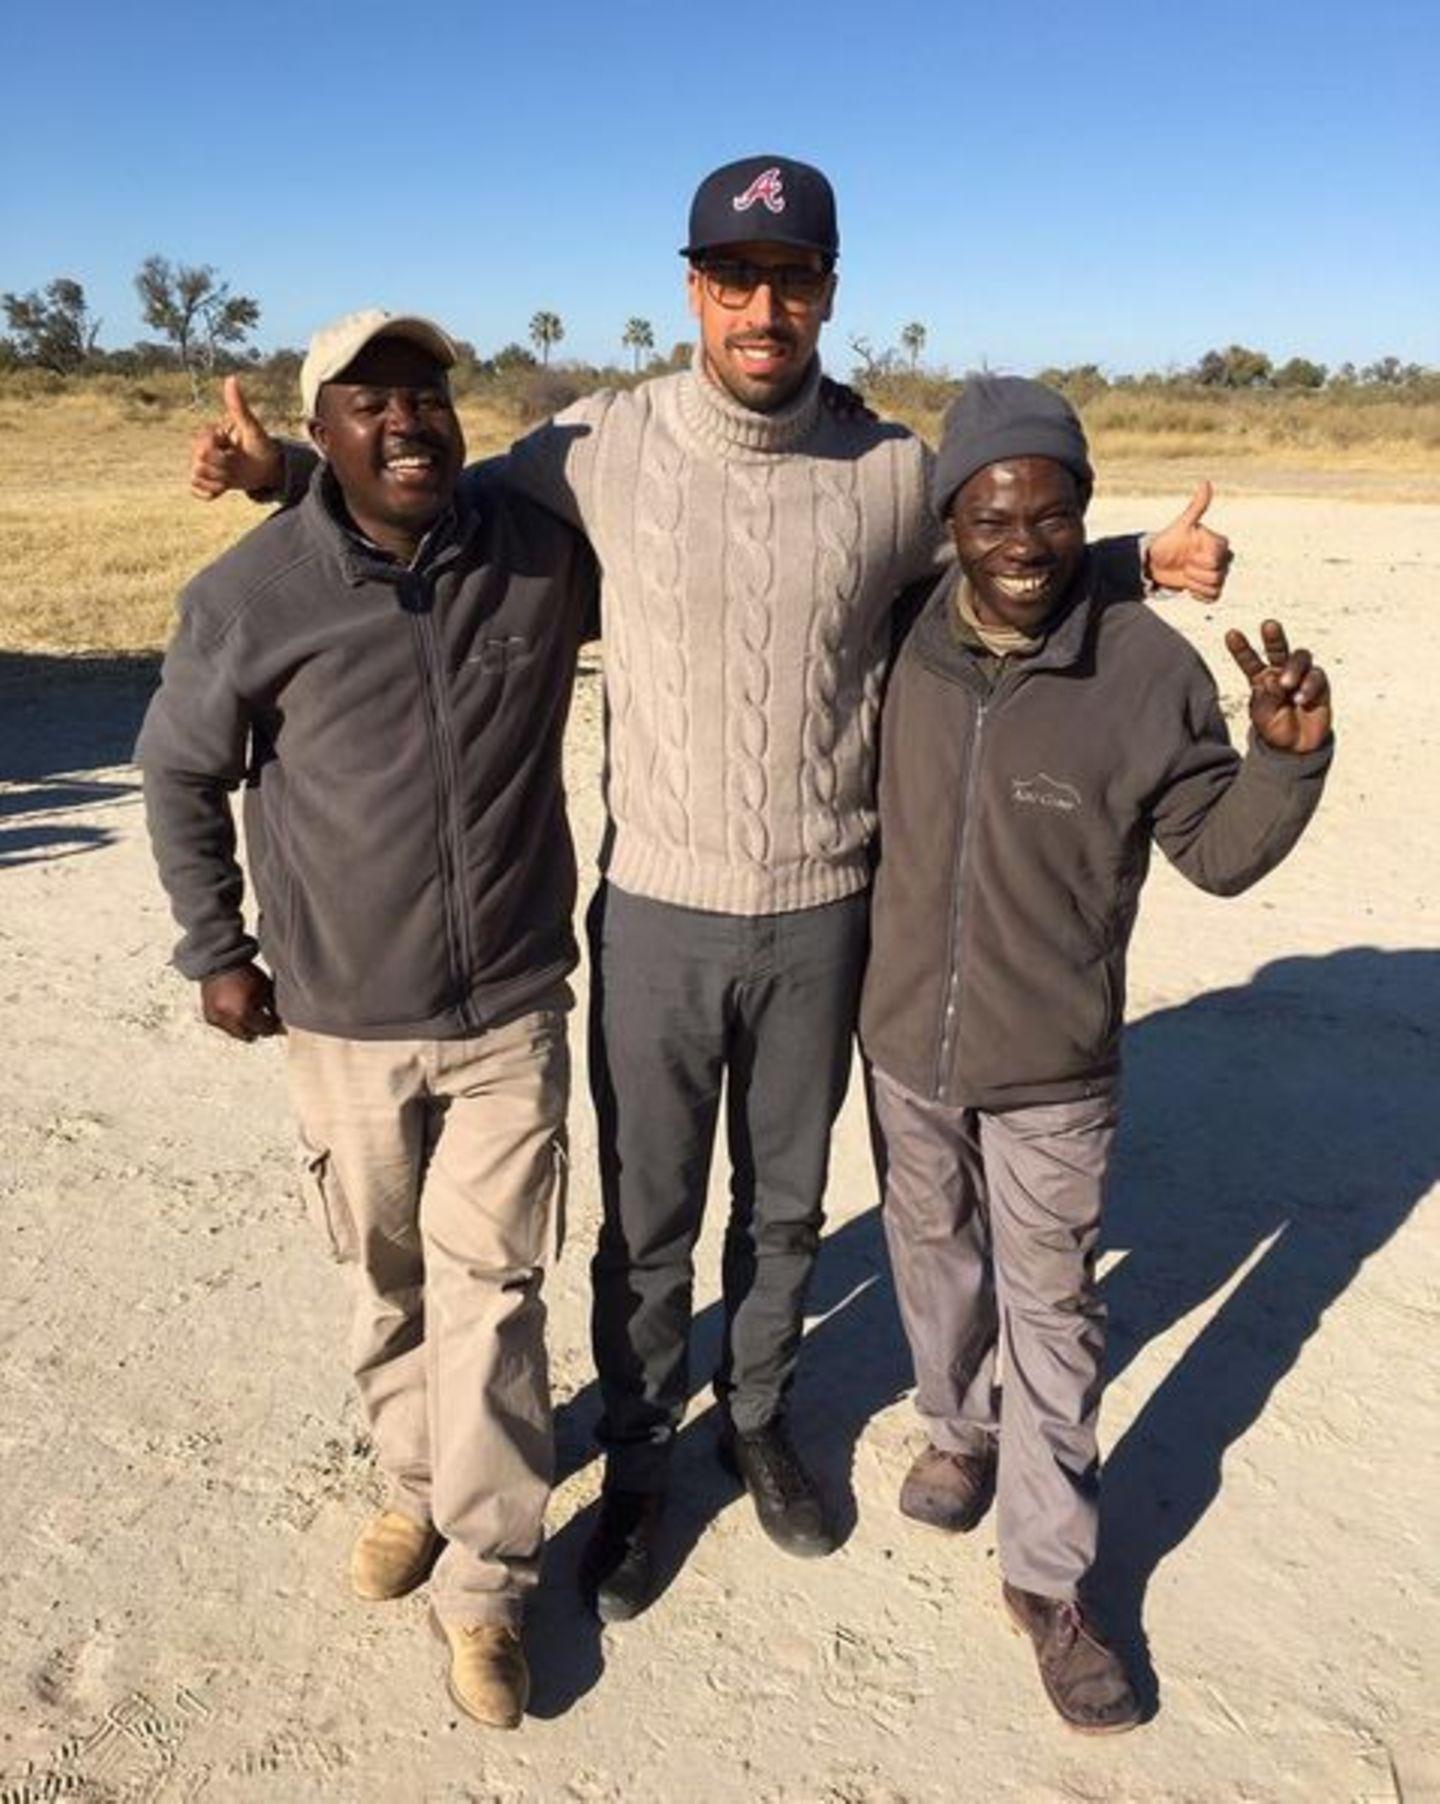 Sami Khedira posiert hier mit zwei Mitarbeitern des Abu-Camps. Der deutsche Nationalspieler verabschiedet sich von seinem tollen Urlaub in Süd Afrika und Botswana.